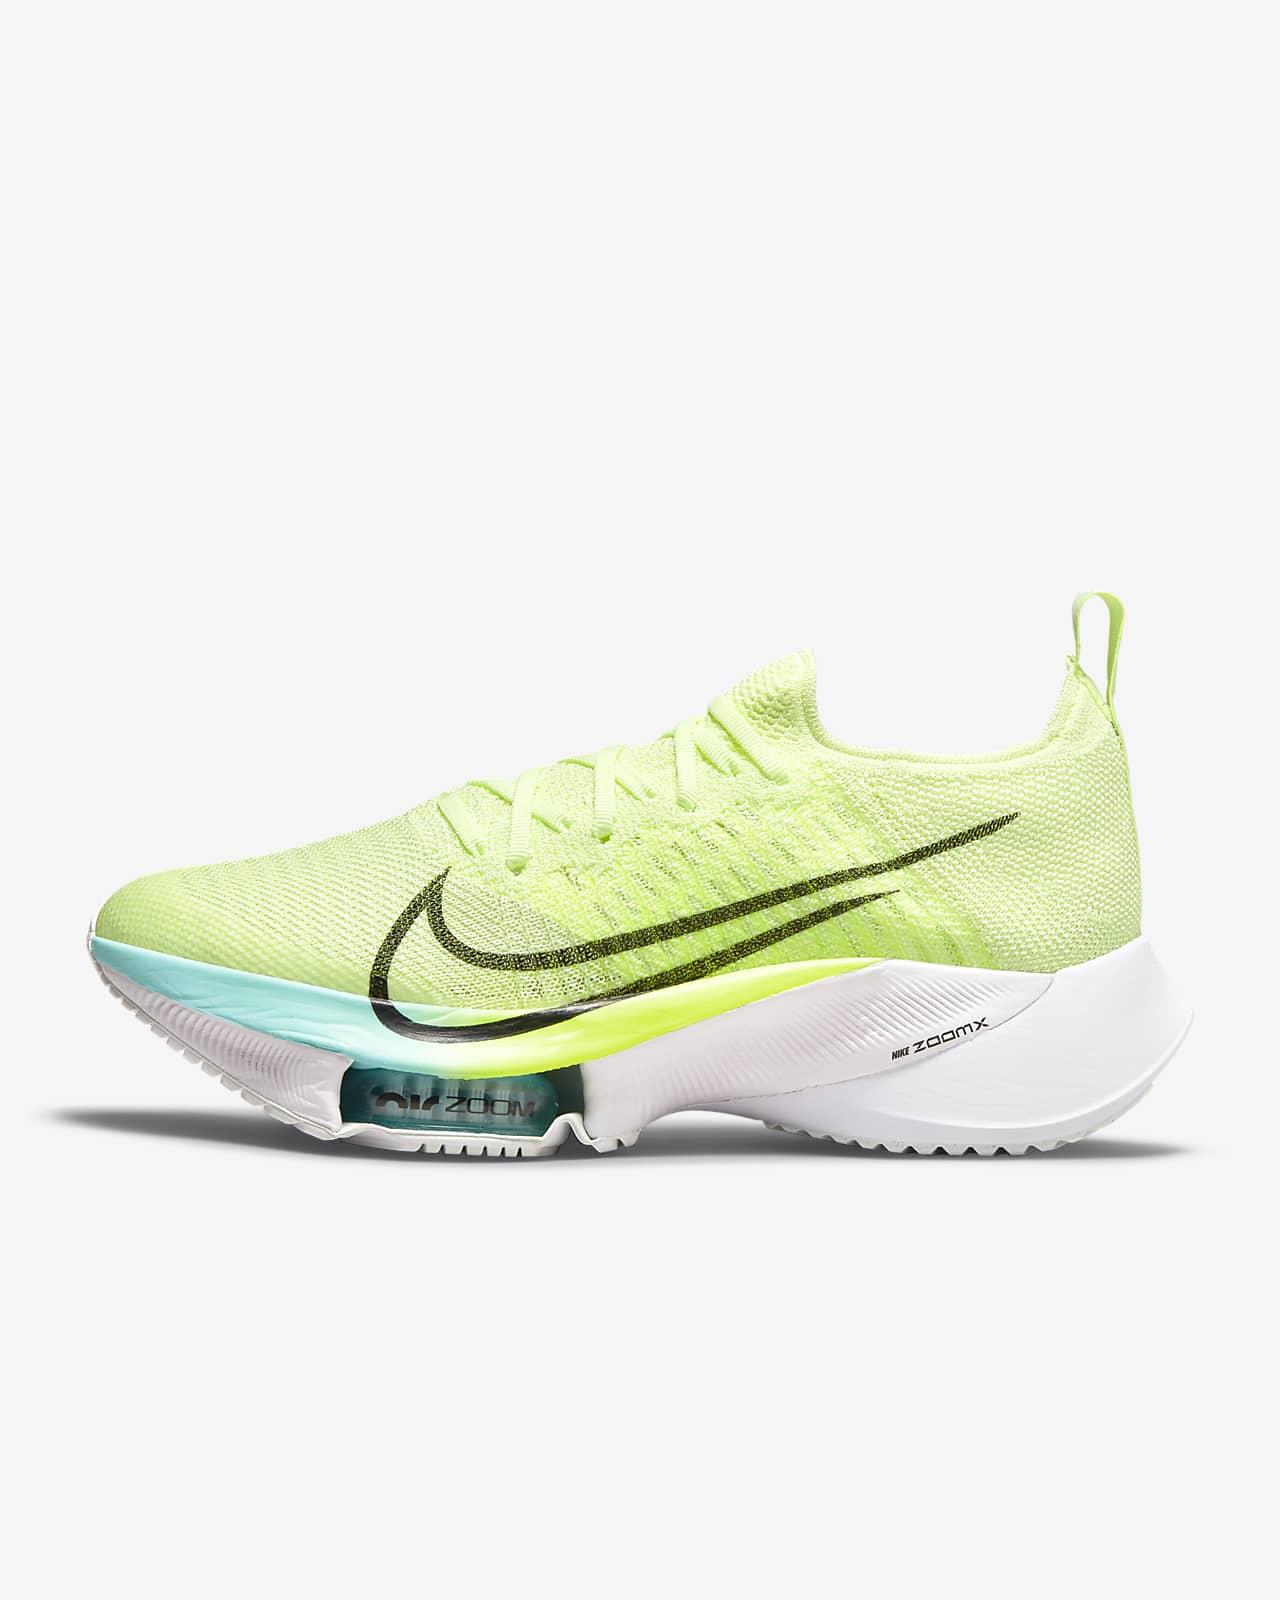 Nike Air Zoom Tempo NEXT% Hardloopschoenen voor dames (straat)